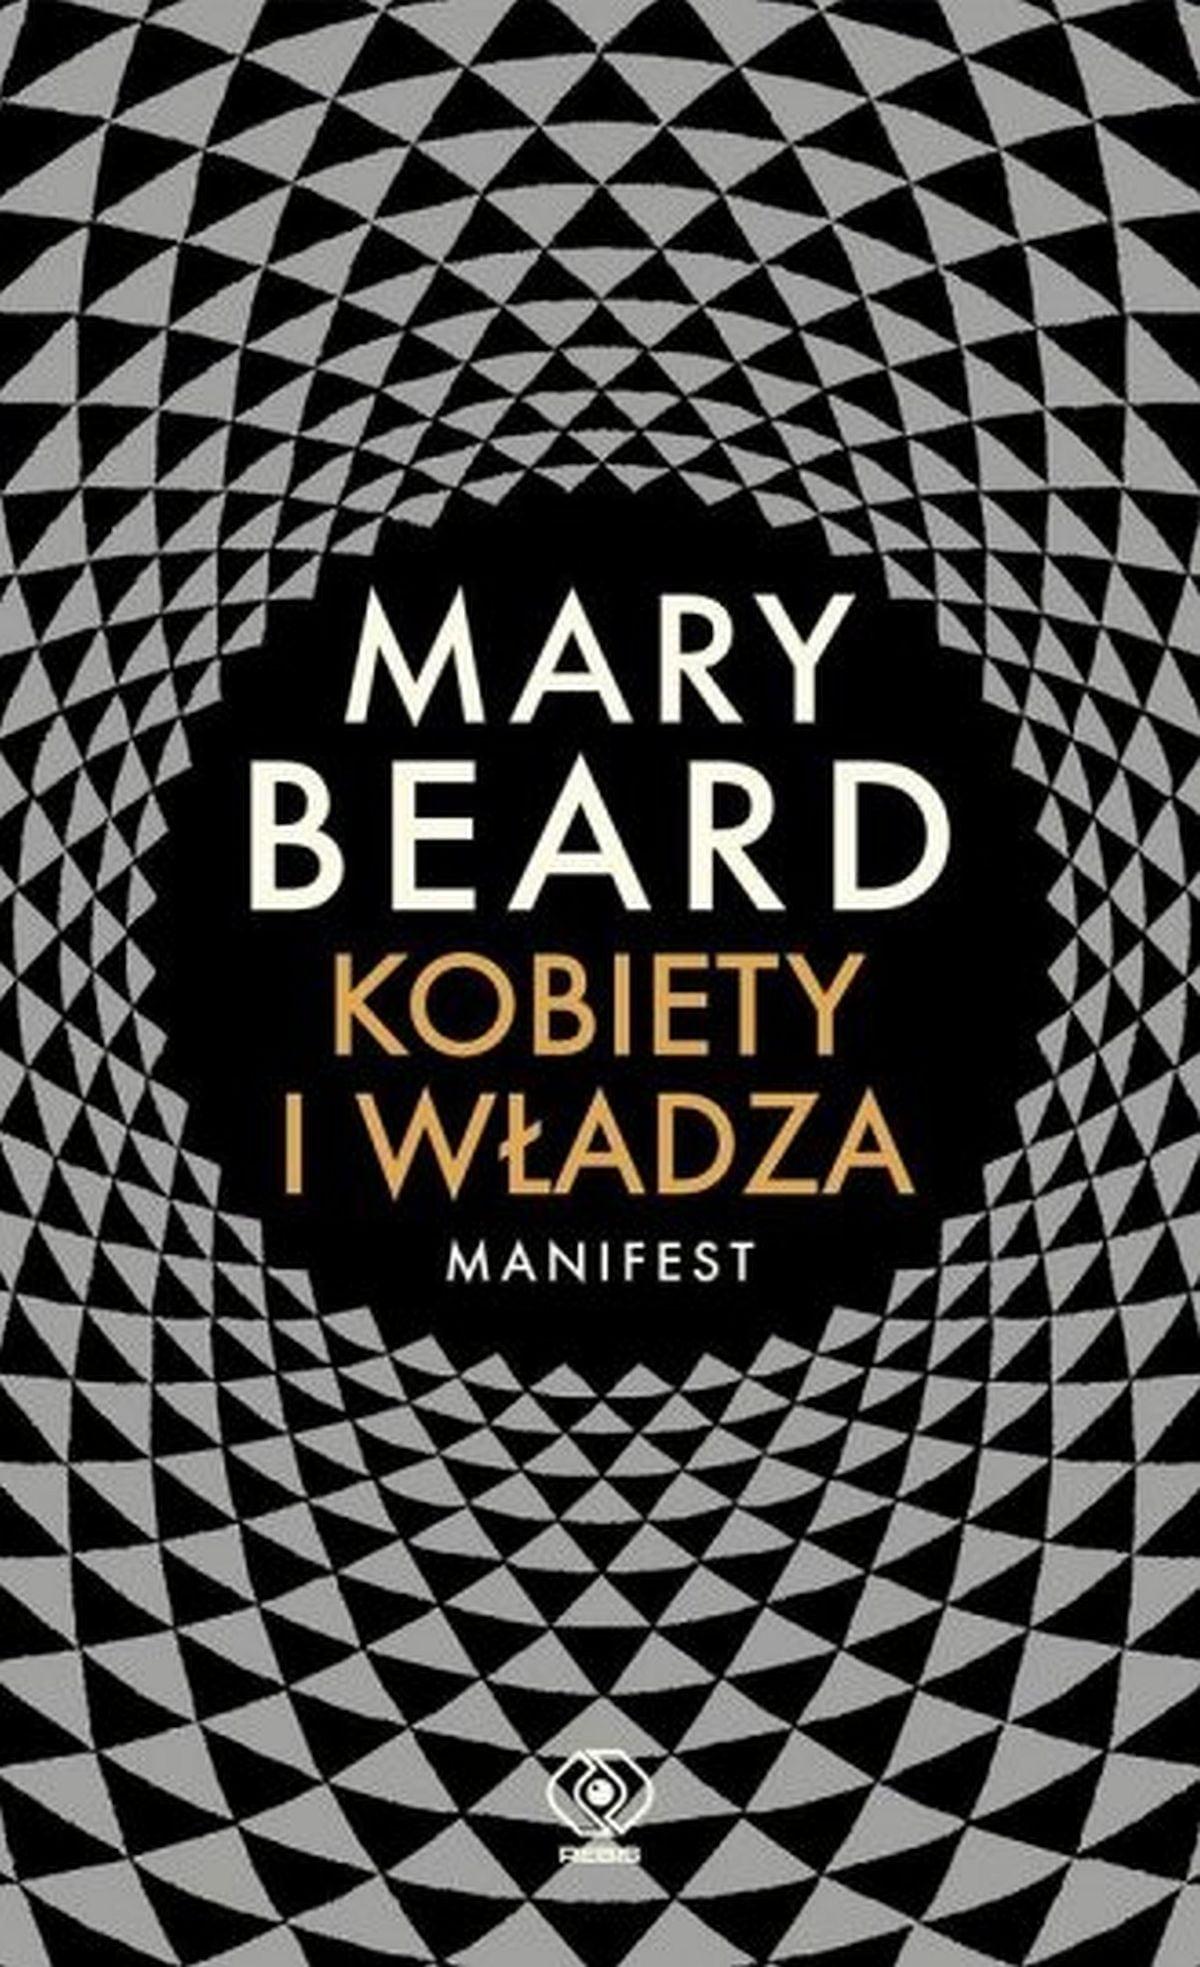 Mary Beard, Kobiety i władza. Manifest